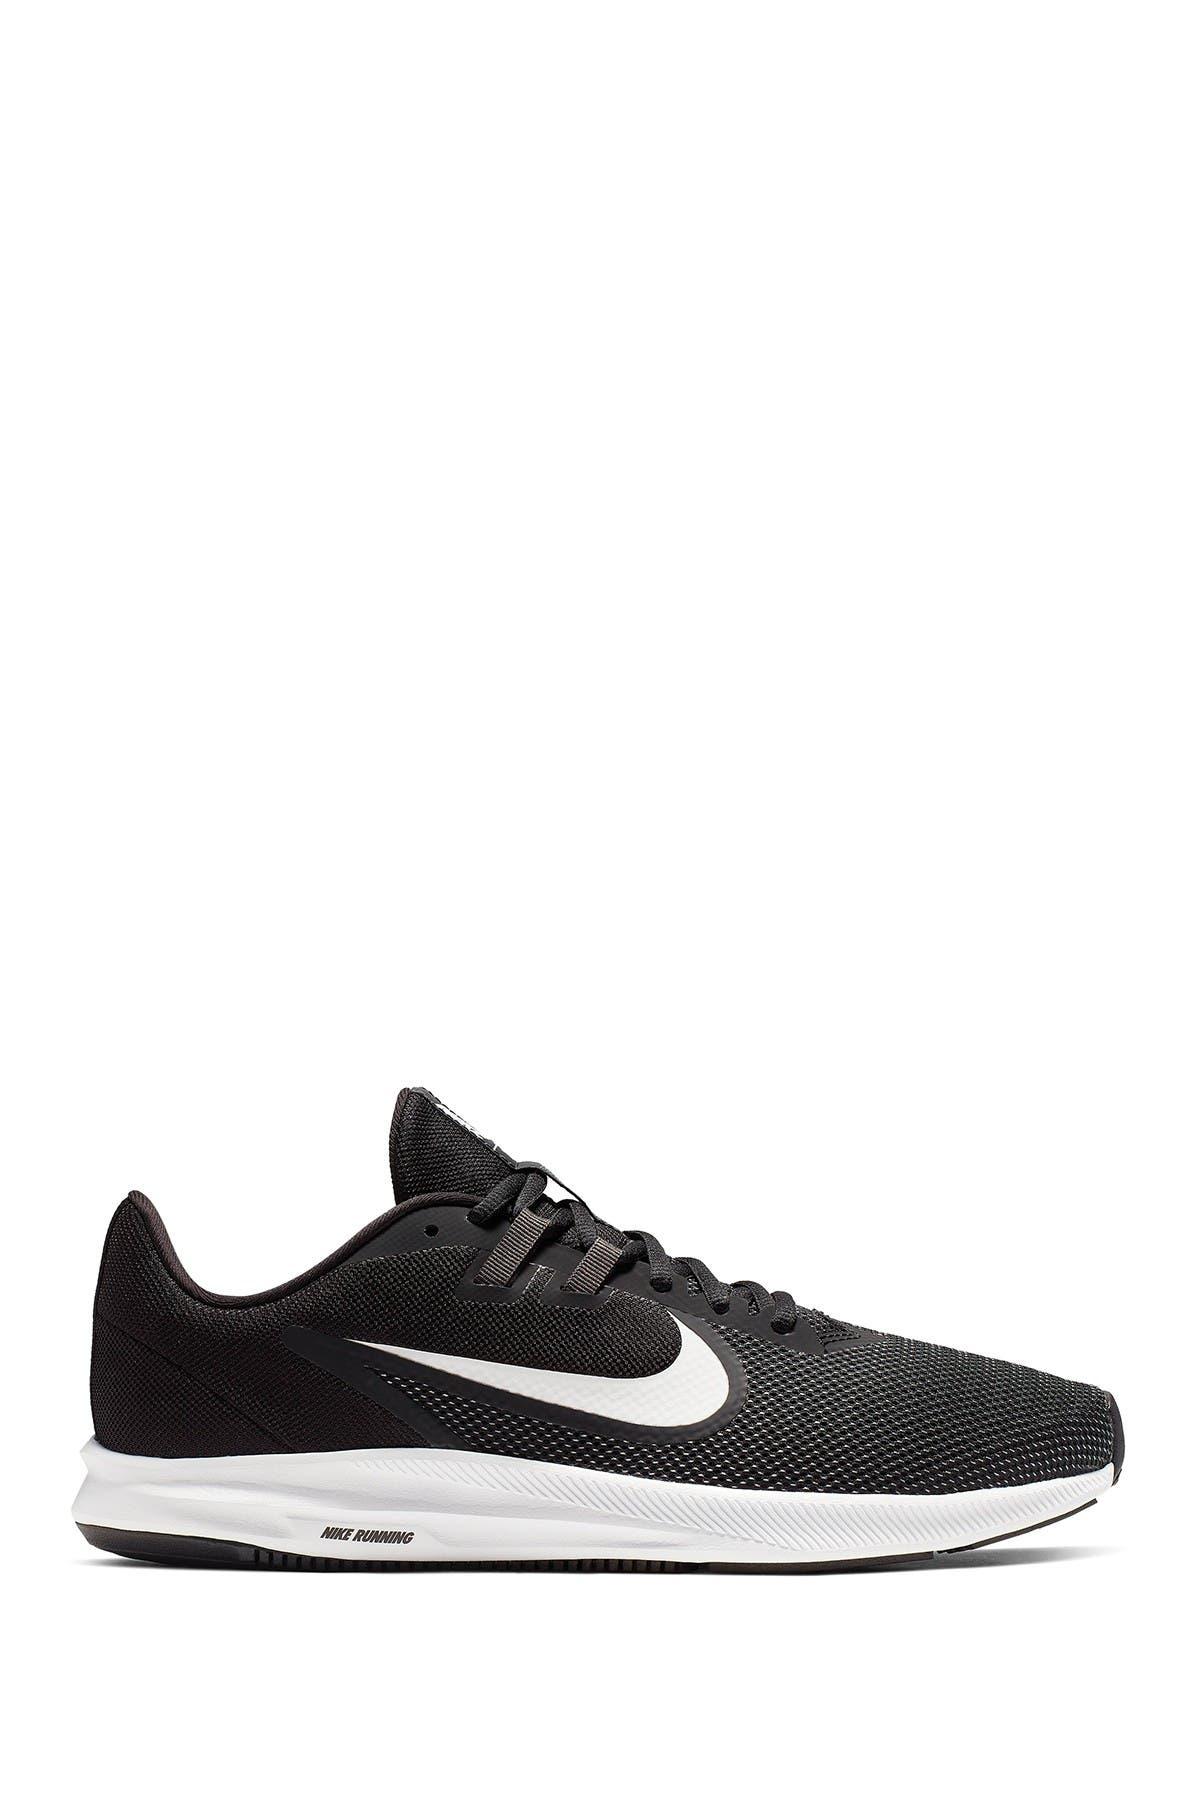 Nike   Downshifter 9 Running Shoe